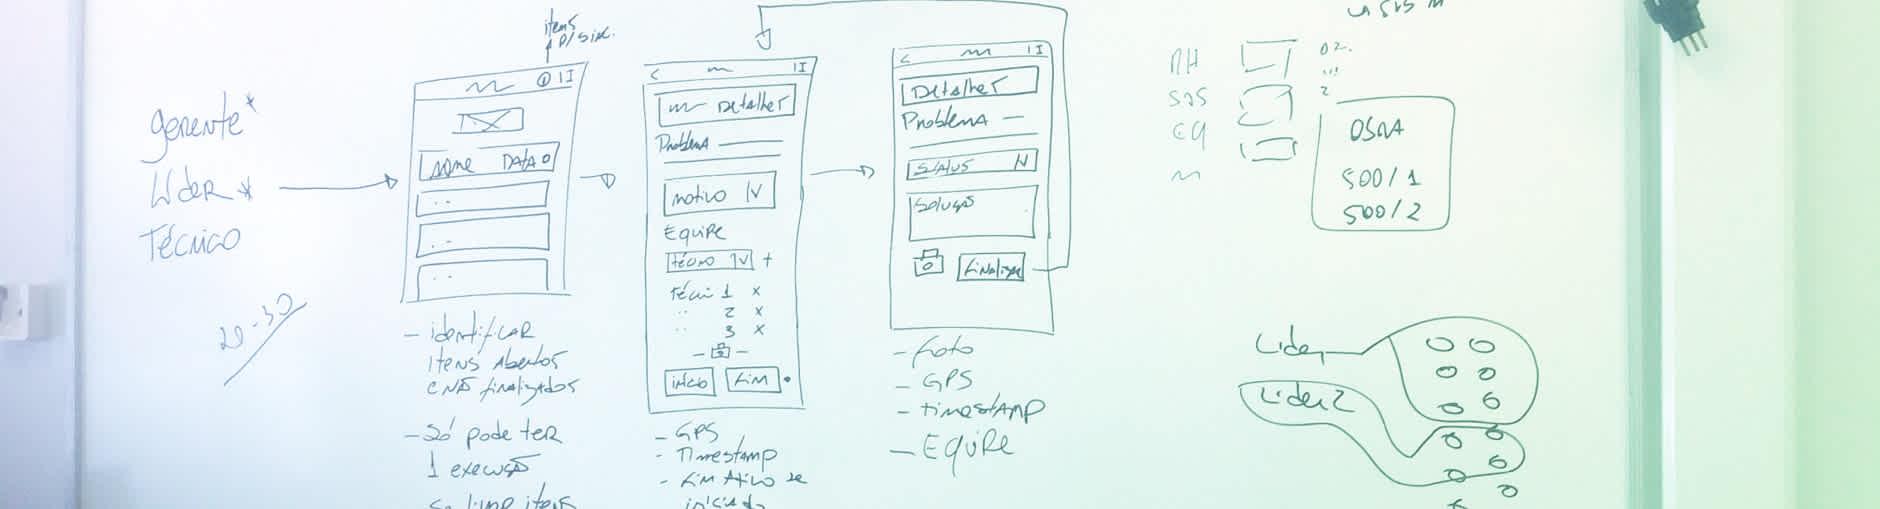 App Di Design mobile app design and development - atah digital